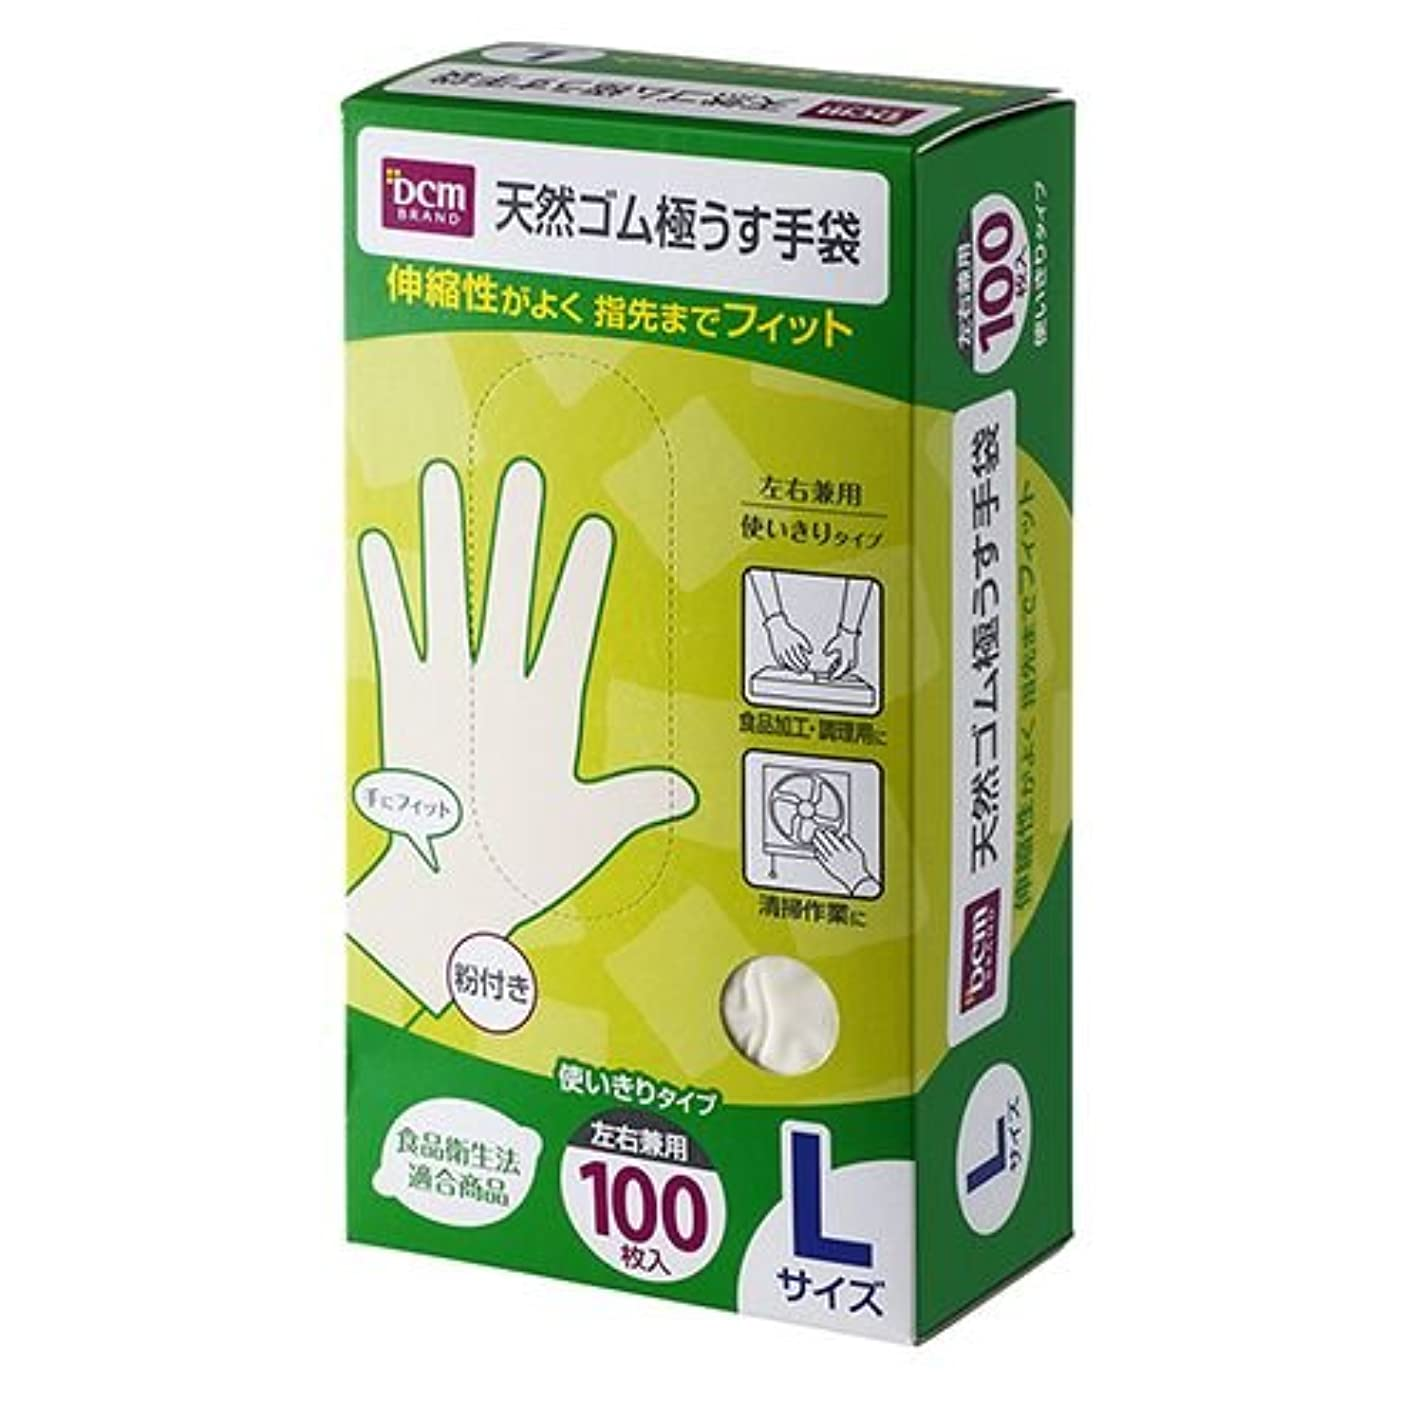 上へチップ挽く天然ゴム 極うす 手袋 HI06T81 L 100枚入 L